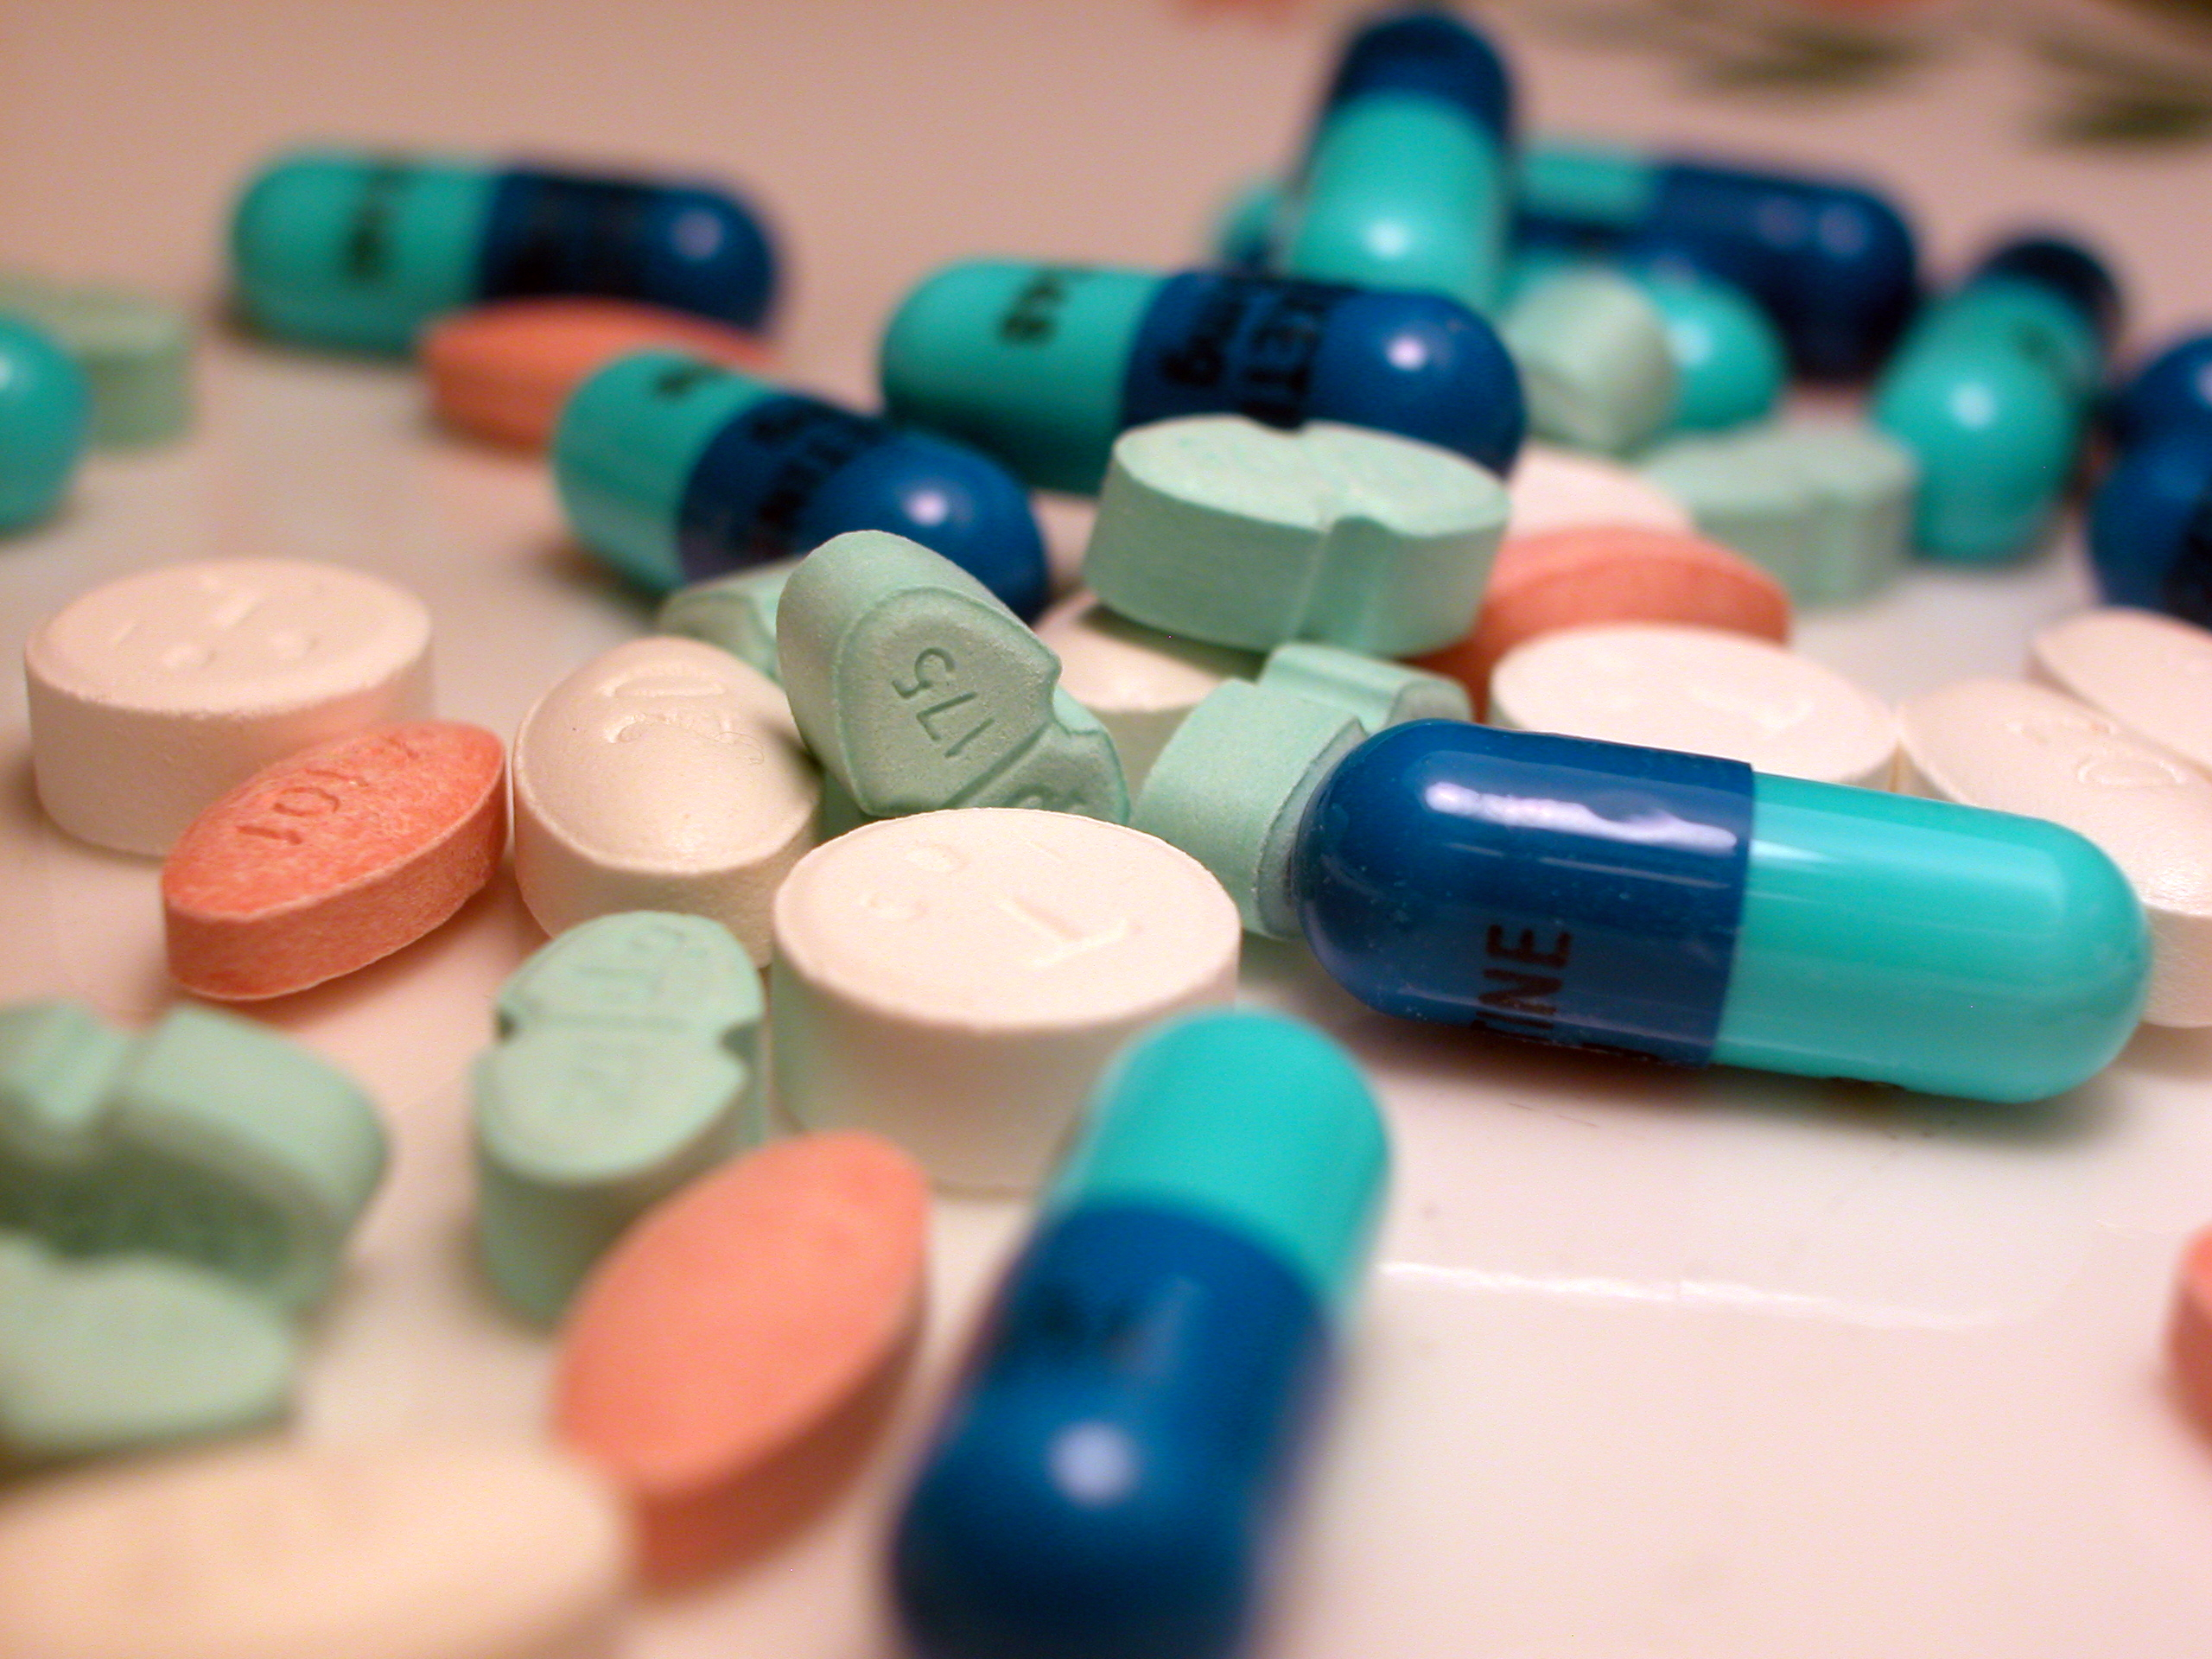 Φάρμακα δισκία: Πώς θα βελτιωθεί η παραγωγή τους, τα προβλήματα των κατασκευαστών